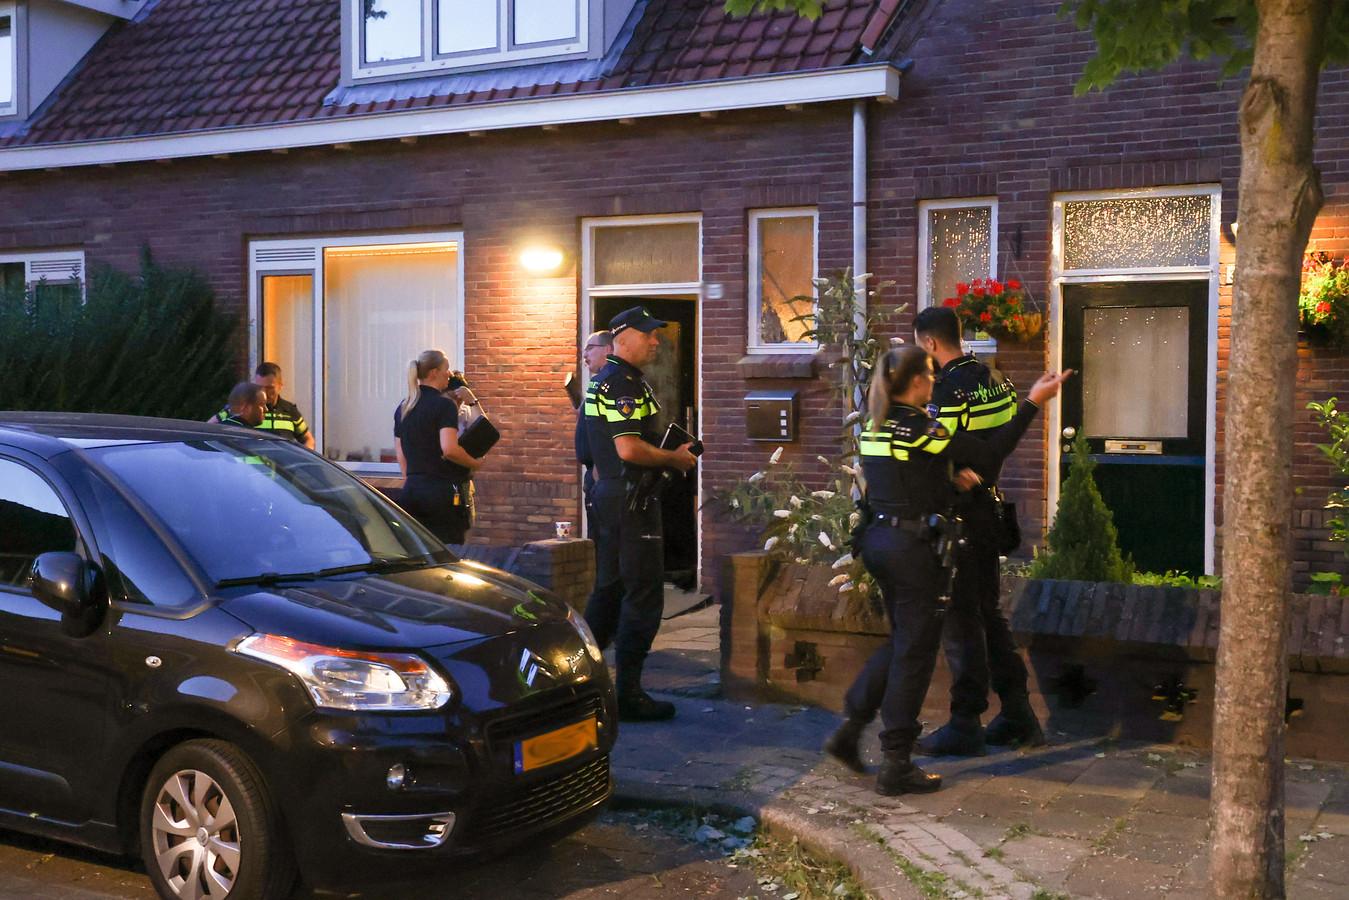 Eindhovenaar Peer (57) werd op 21 juli 2020 dood gevonden in de woning in Eindhoven waar hij verbleef.